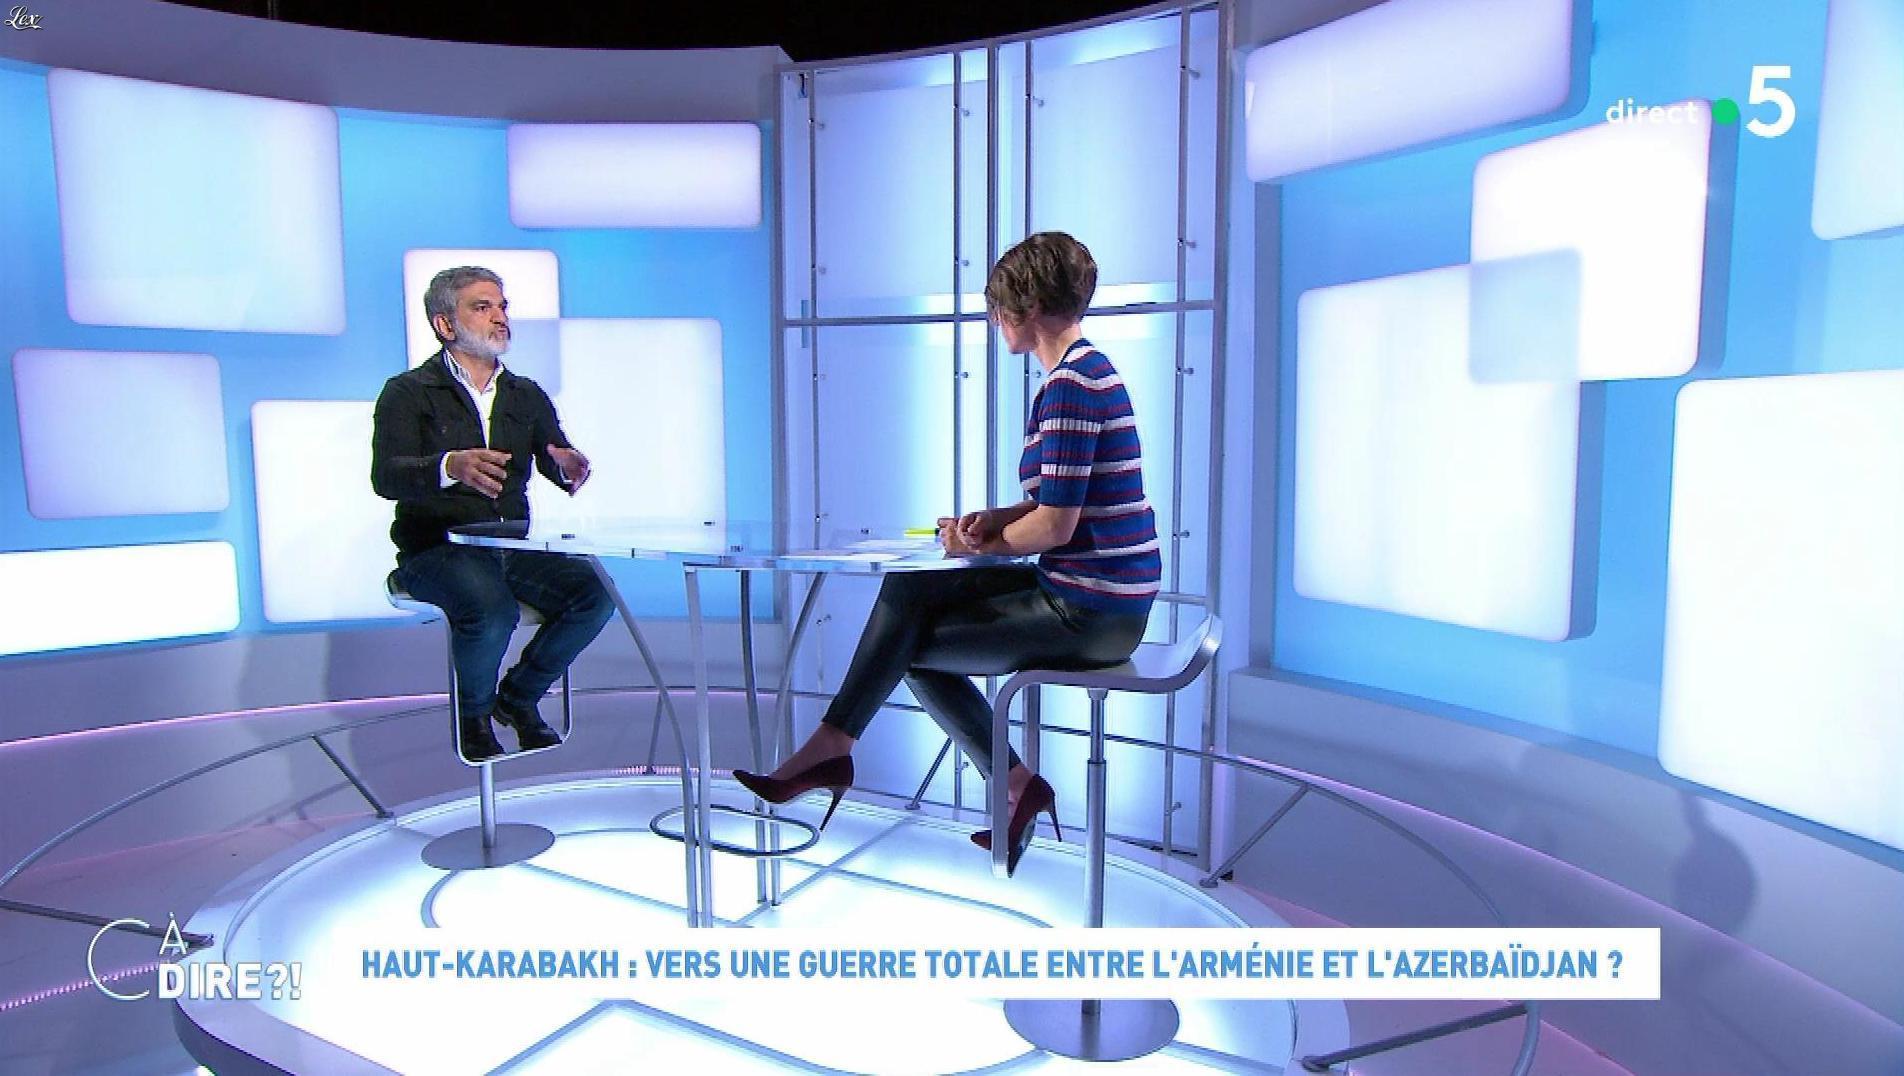 Mélanie Taravant dans C à Dire. Diffusé à la télévision le 06/10/20.